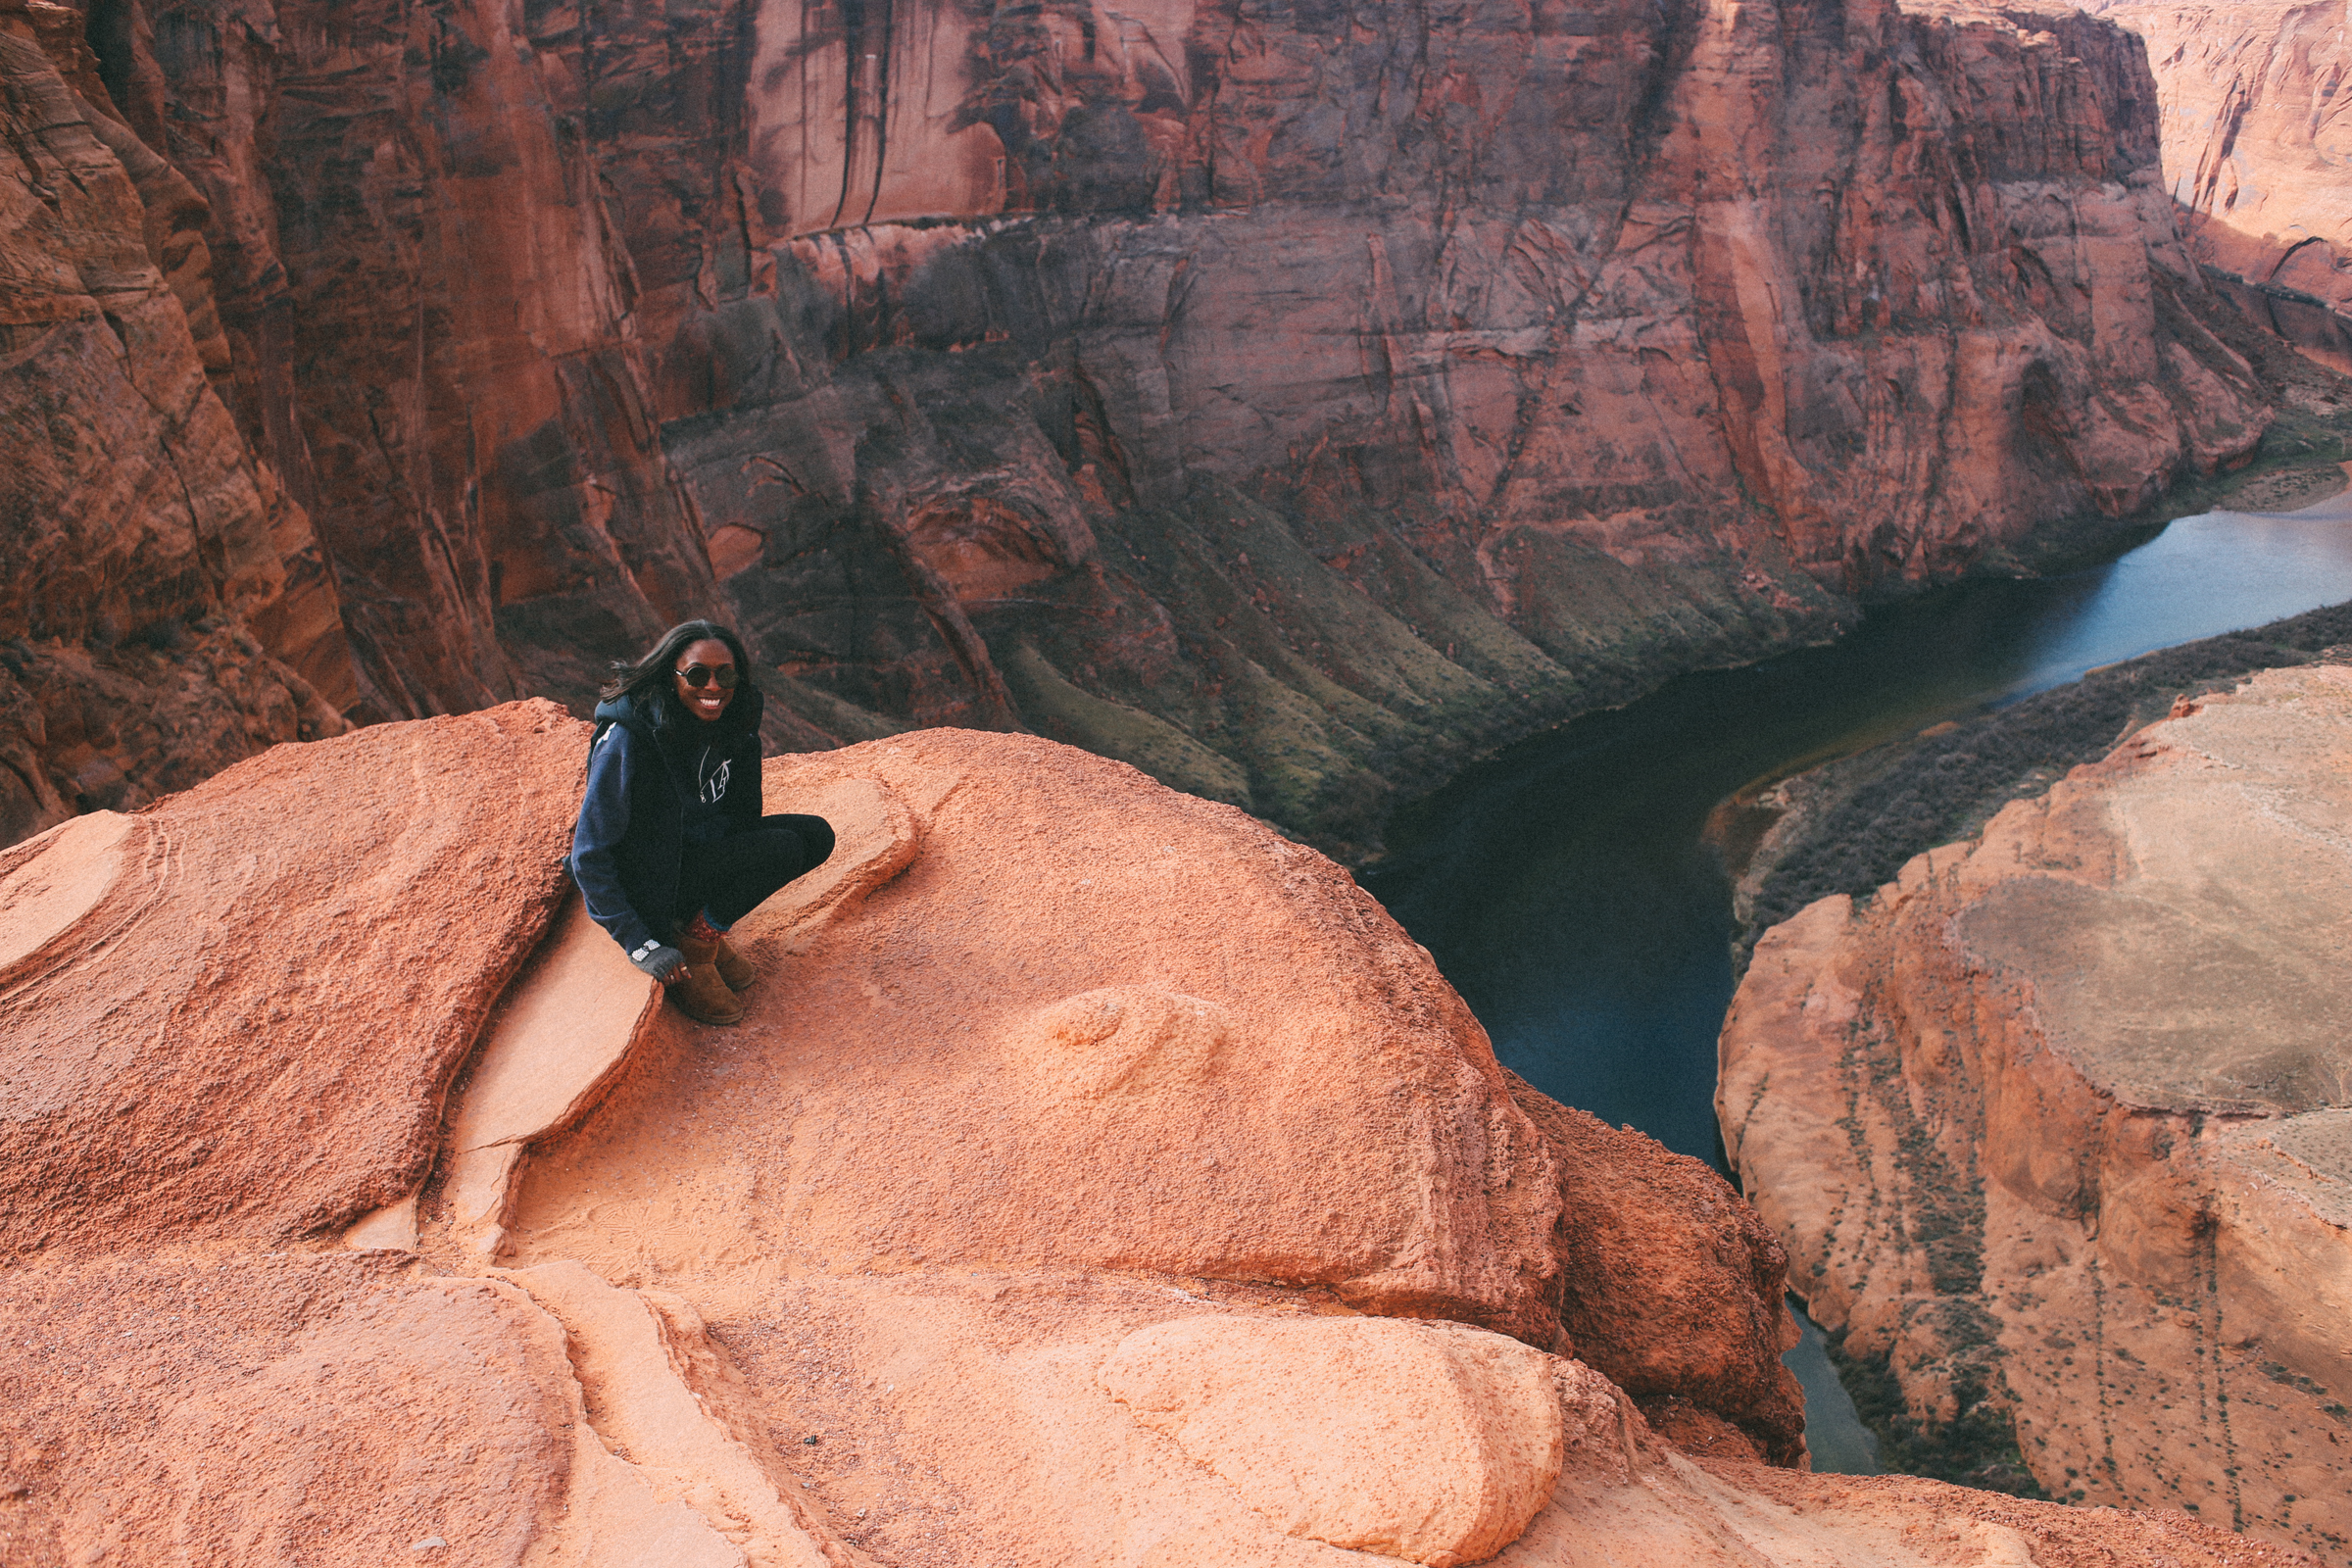 Keeewii_Travel_Arizona-10.jpg